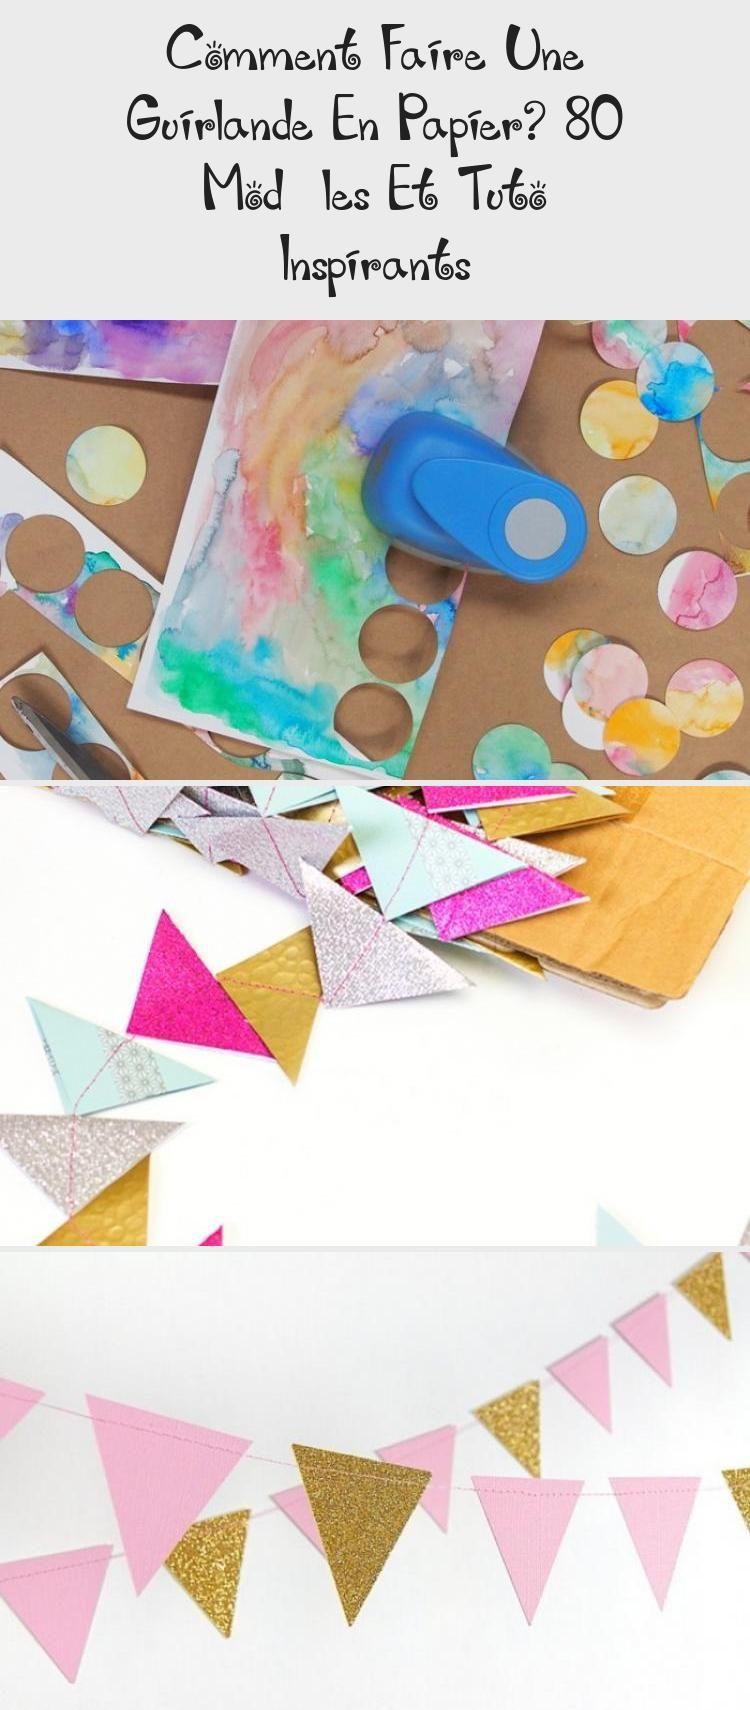 Comment Faire Une Guirlande En Papier? 80 Modèles Et Tuto Inspirants #floconsdeneigeenpapier